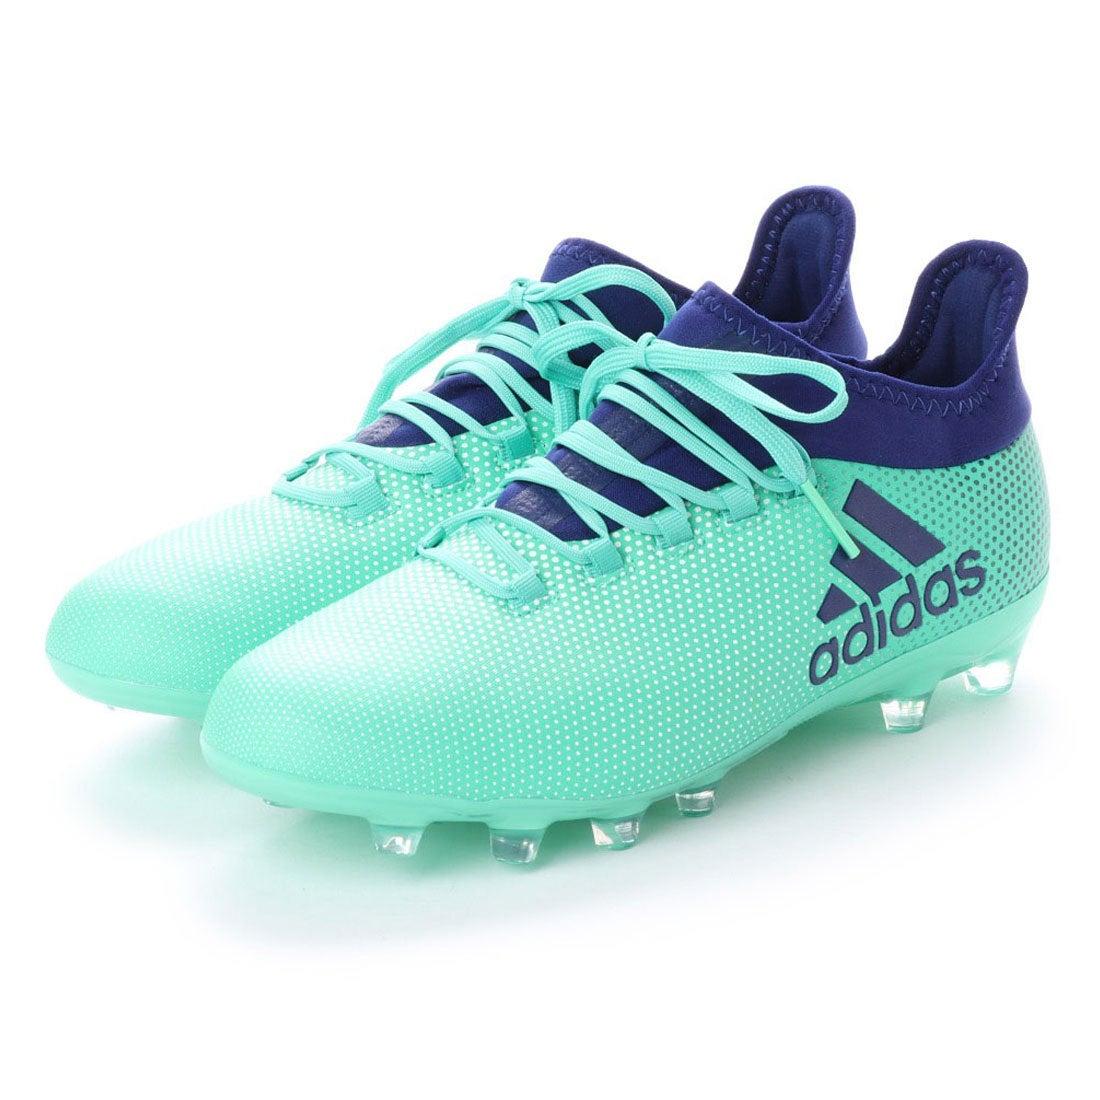 【SALE 30%OFF】アディダス adidas サッカー スパイクシューズ エックス 17.2-ジャパン HG CQ1991